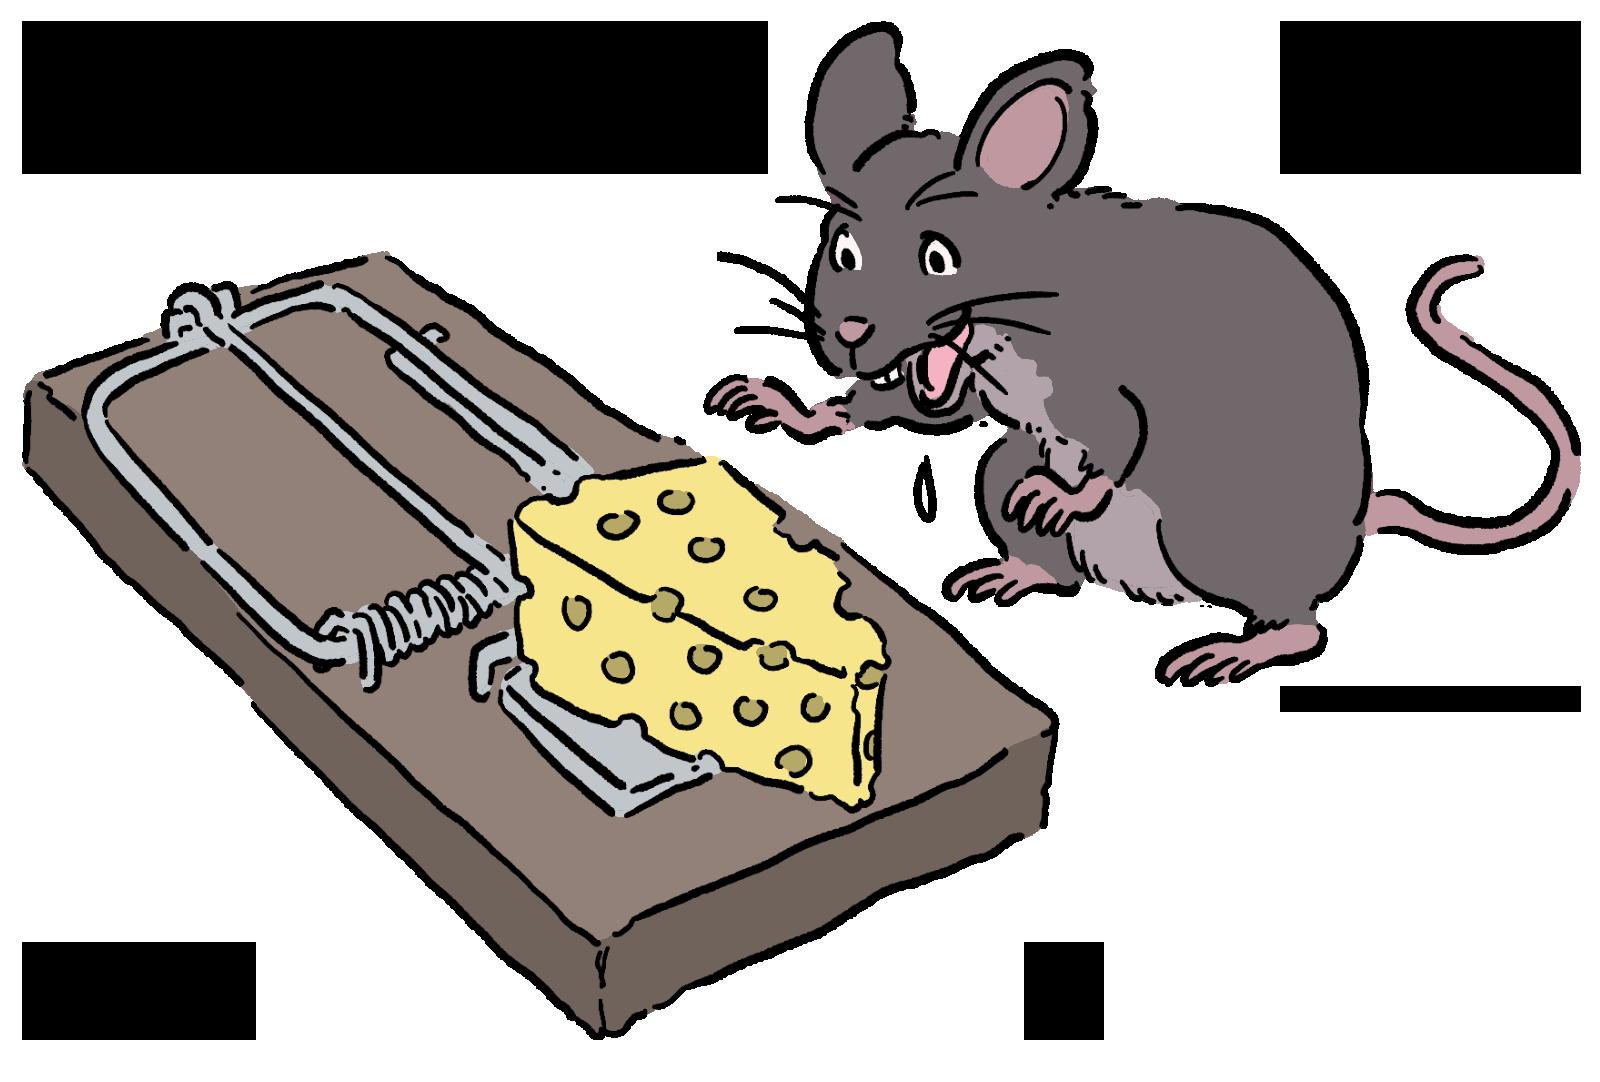 ネズミの罠は何を買えばいいの?